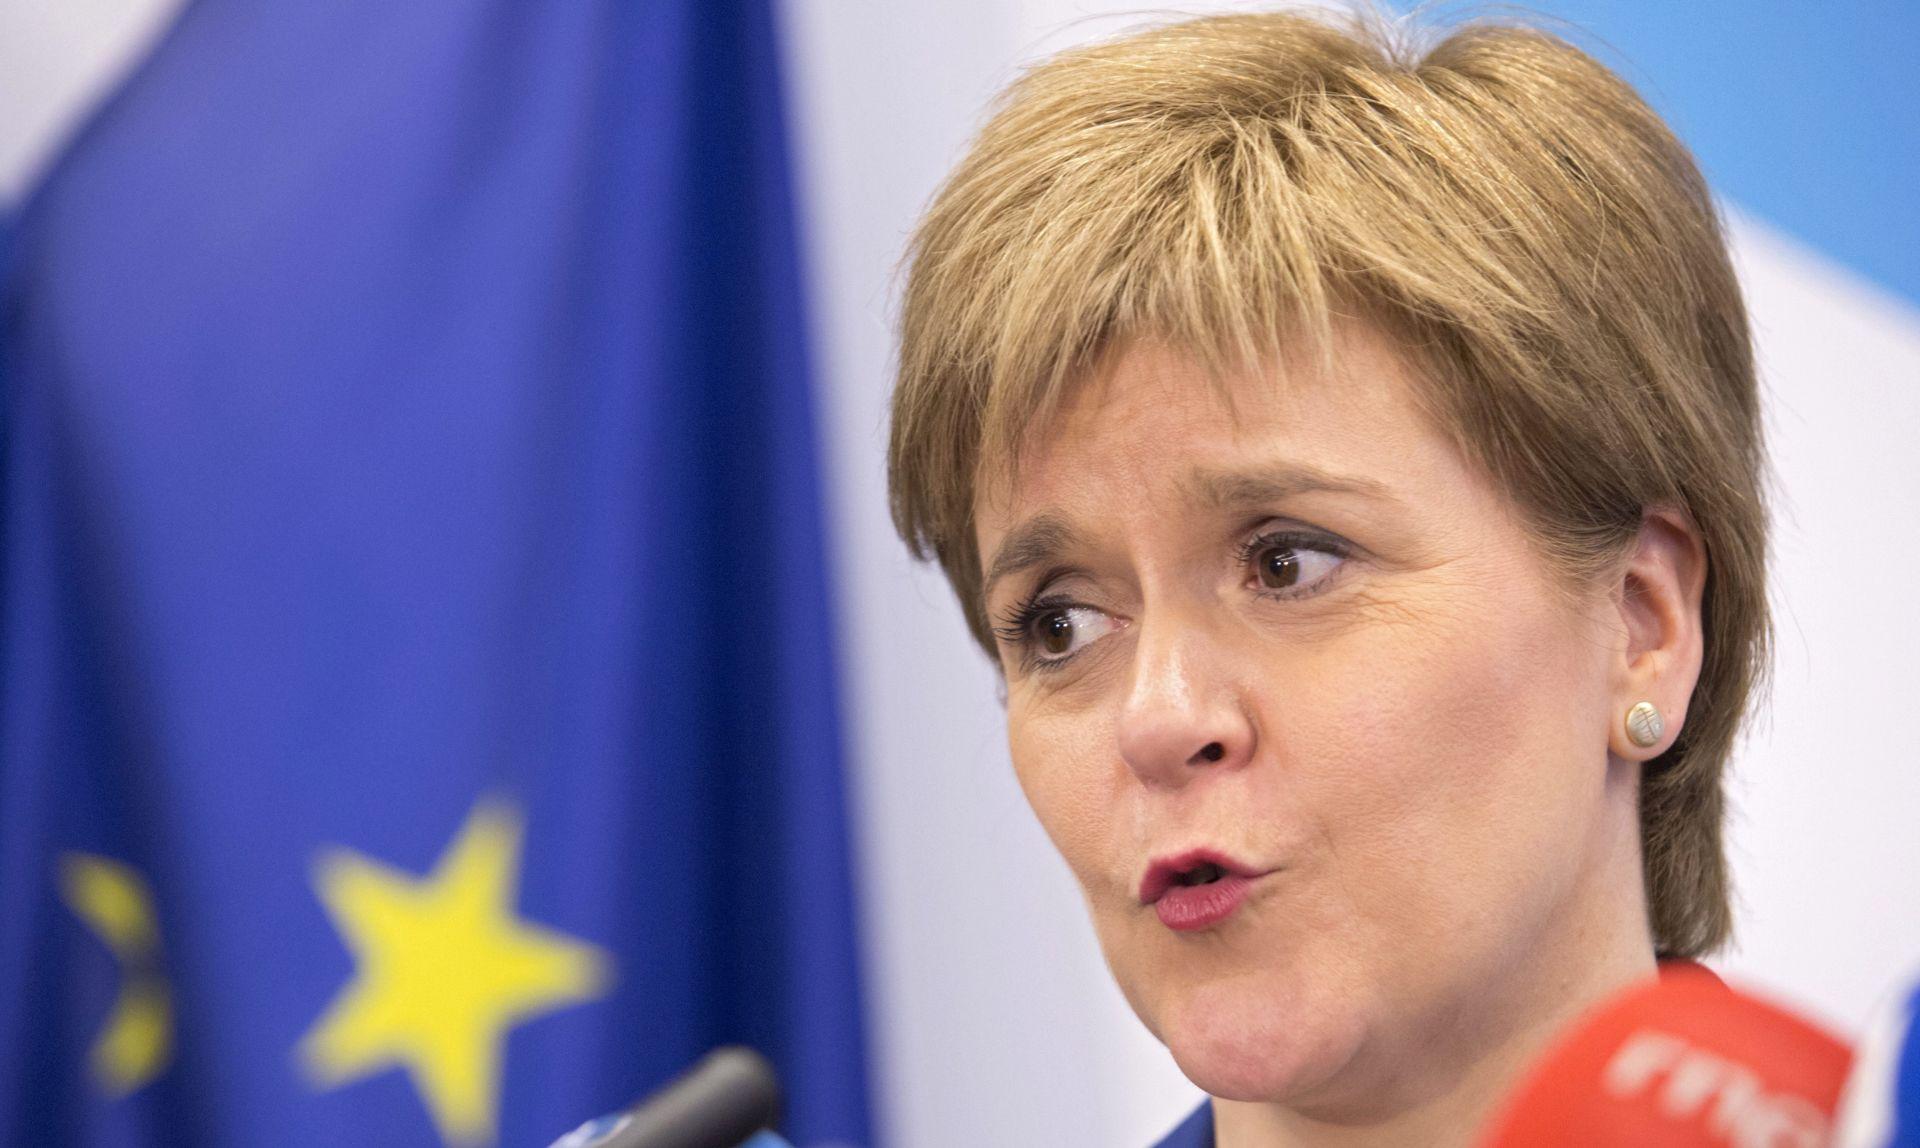 STURGEON Neprihvatljivo je da Škotska nije upućena u plan Brexita